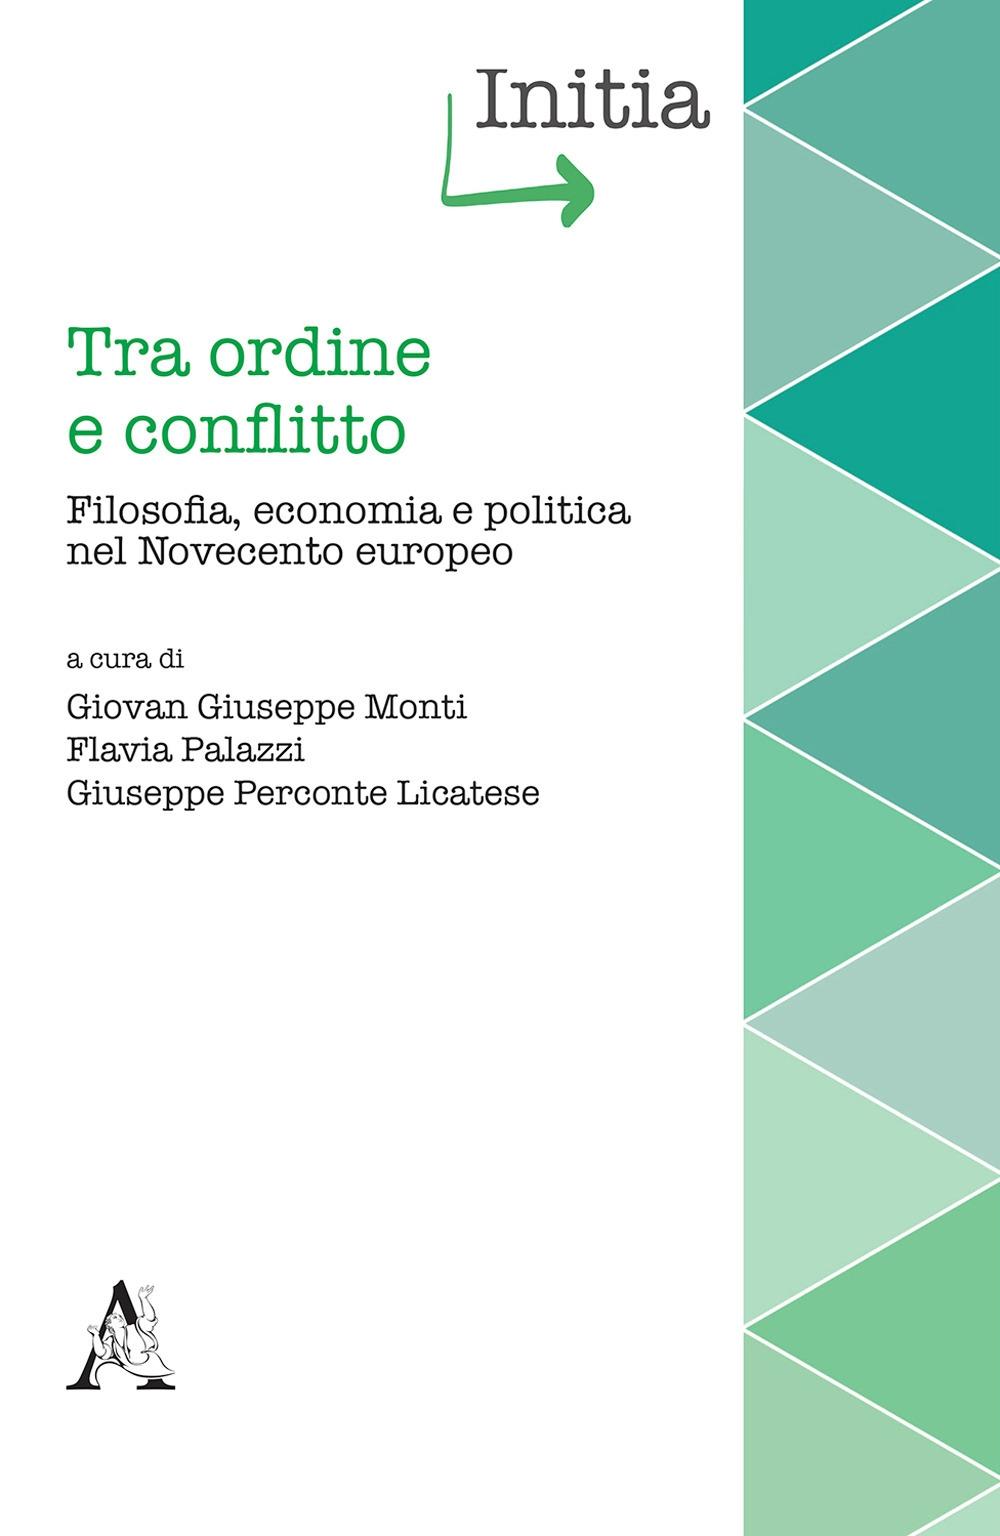 Tra ordine e conflitto. Filosofia, economia e politica nel Novecento europeo